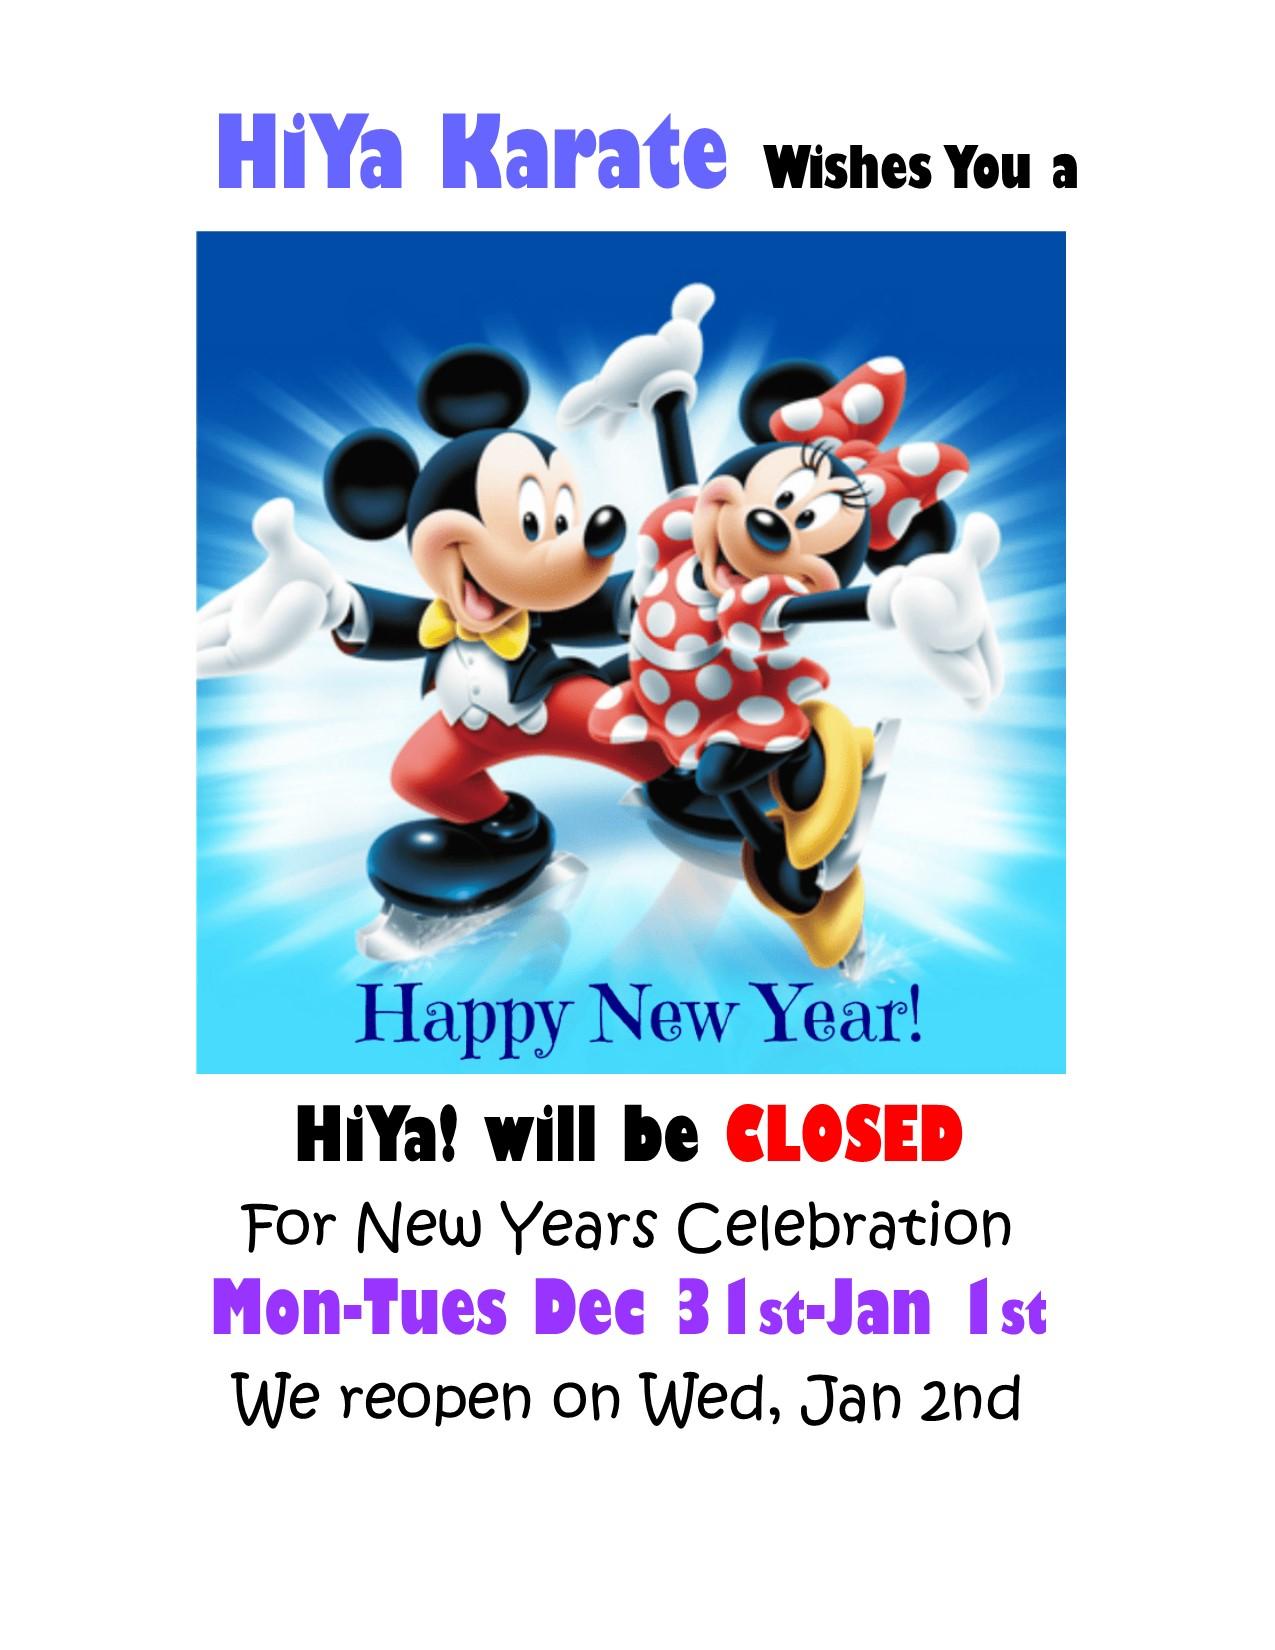 New Years Closing.jpg